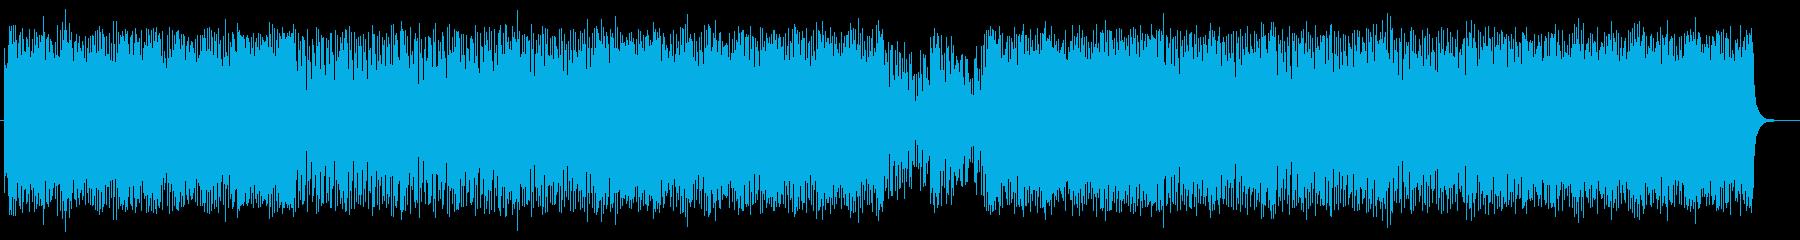 コミカルで楽しいアニメミュージックの再生済みの波形